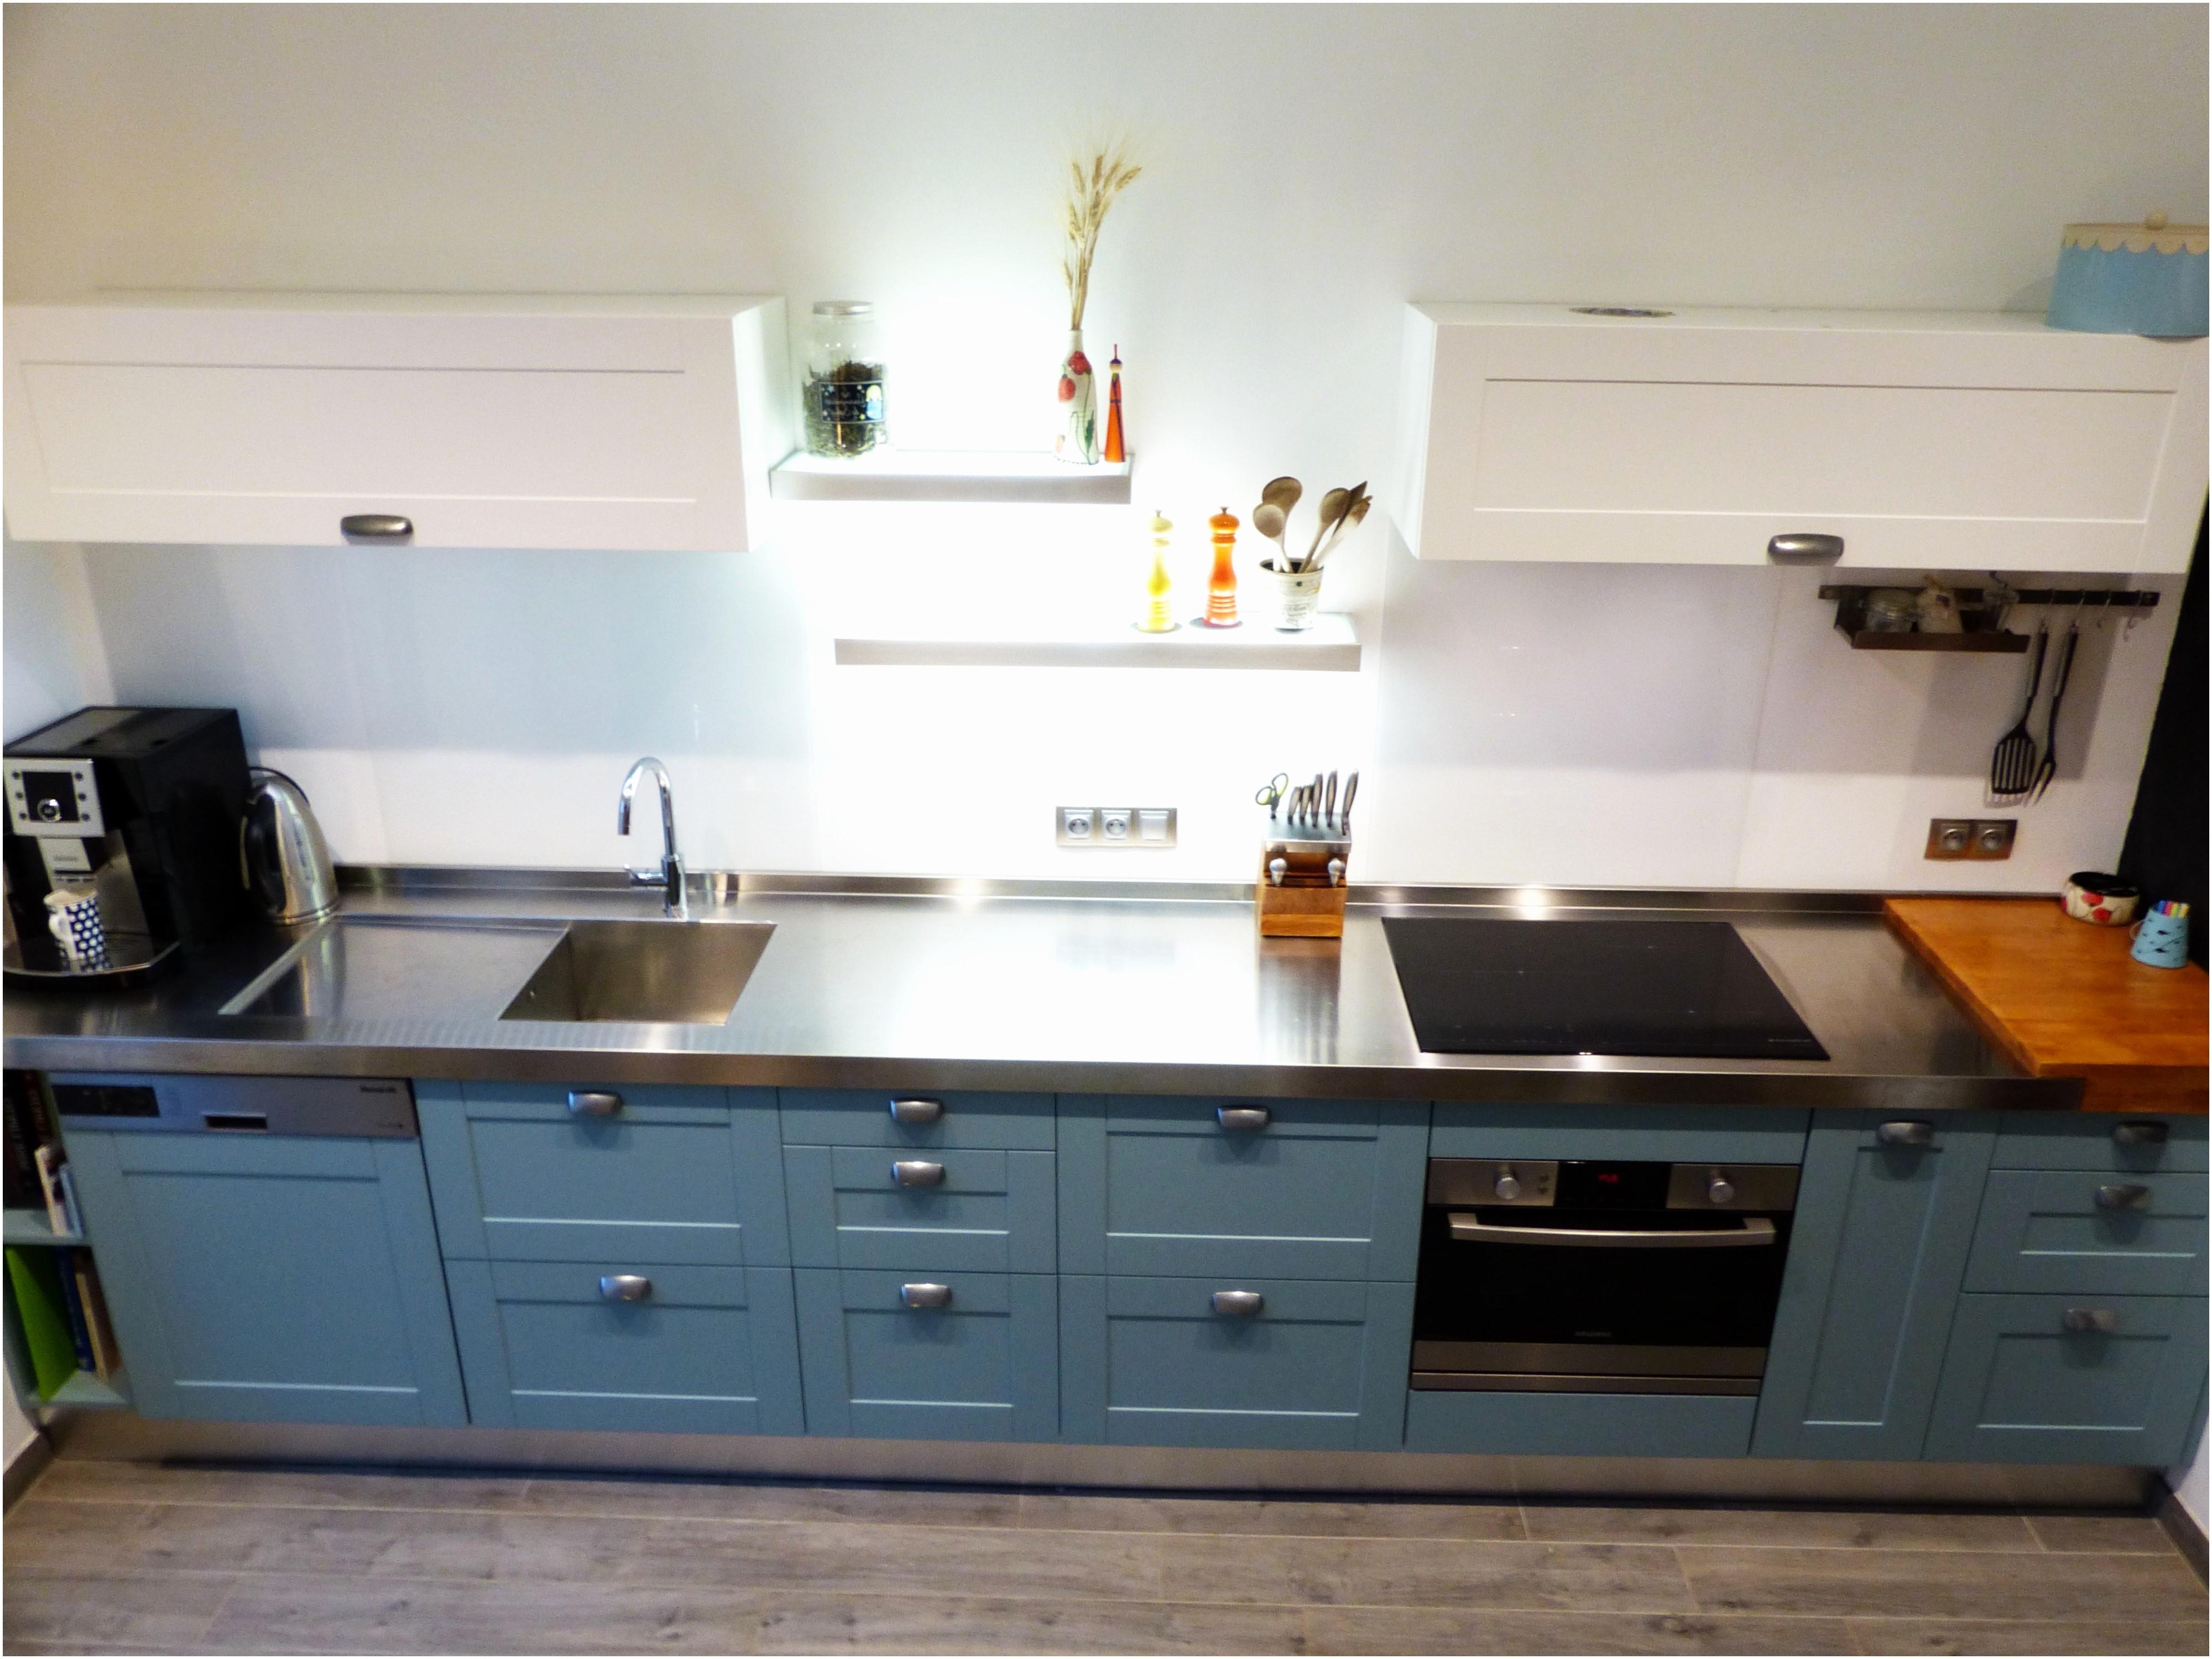 alin a 3d cuisine nouveau galerie les 26 meilleures images. Black Bedroom Furniture Sets. Home Design Ideas